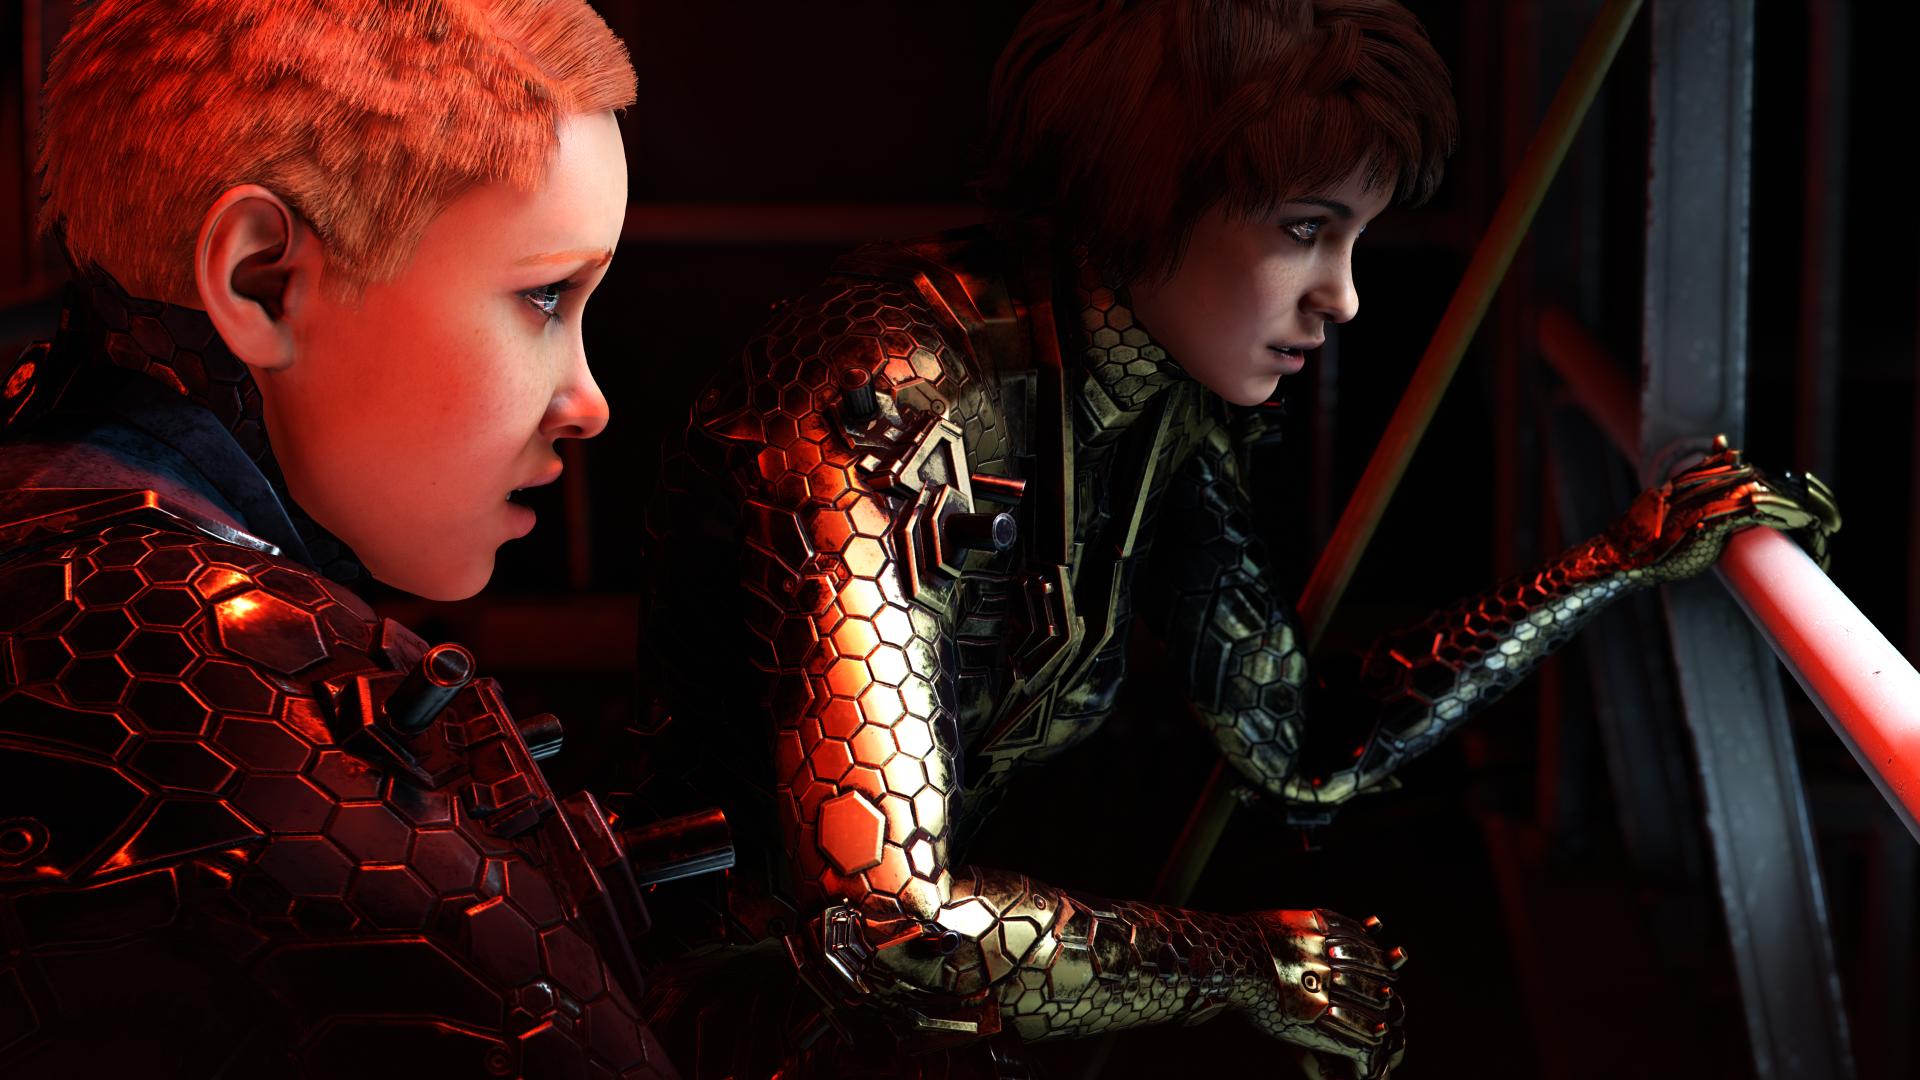 بازیبازان راهی برای دسترسی به سکههای بینهایت در بازی Wolfenstein: Youngblood پیدا کردند